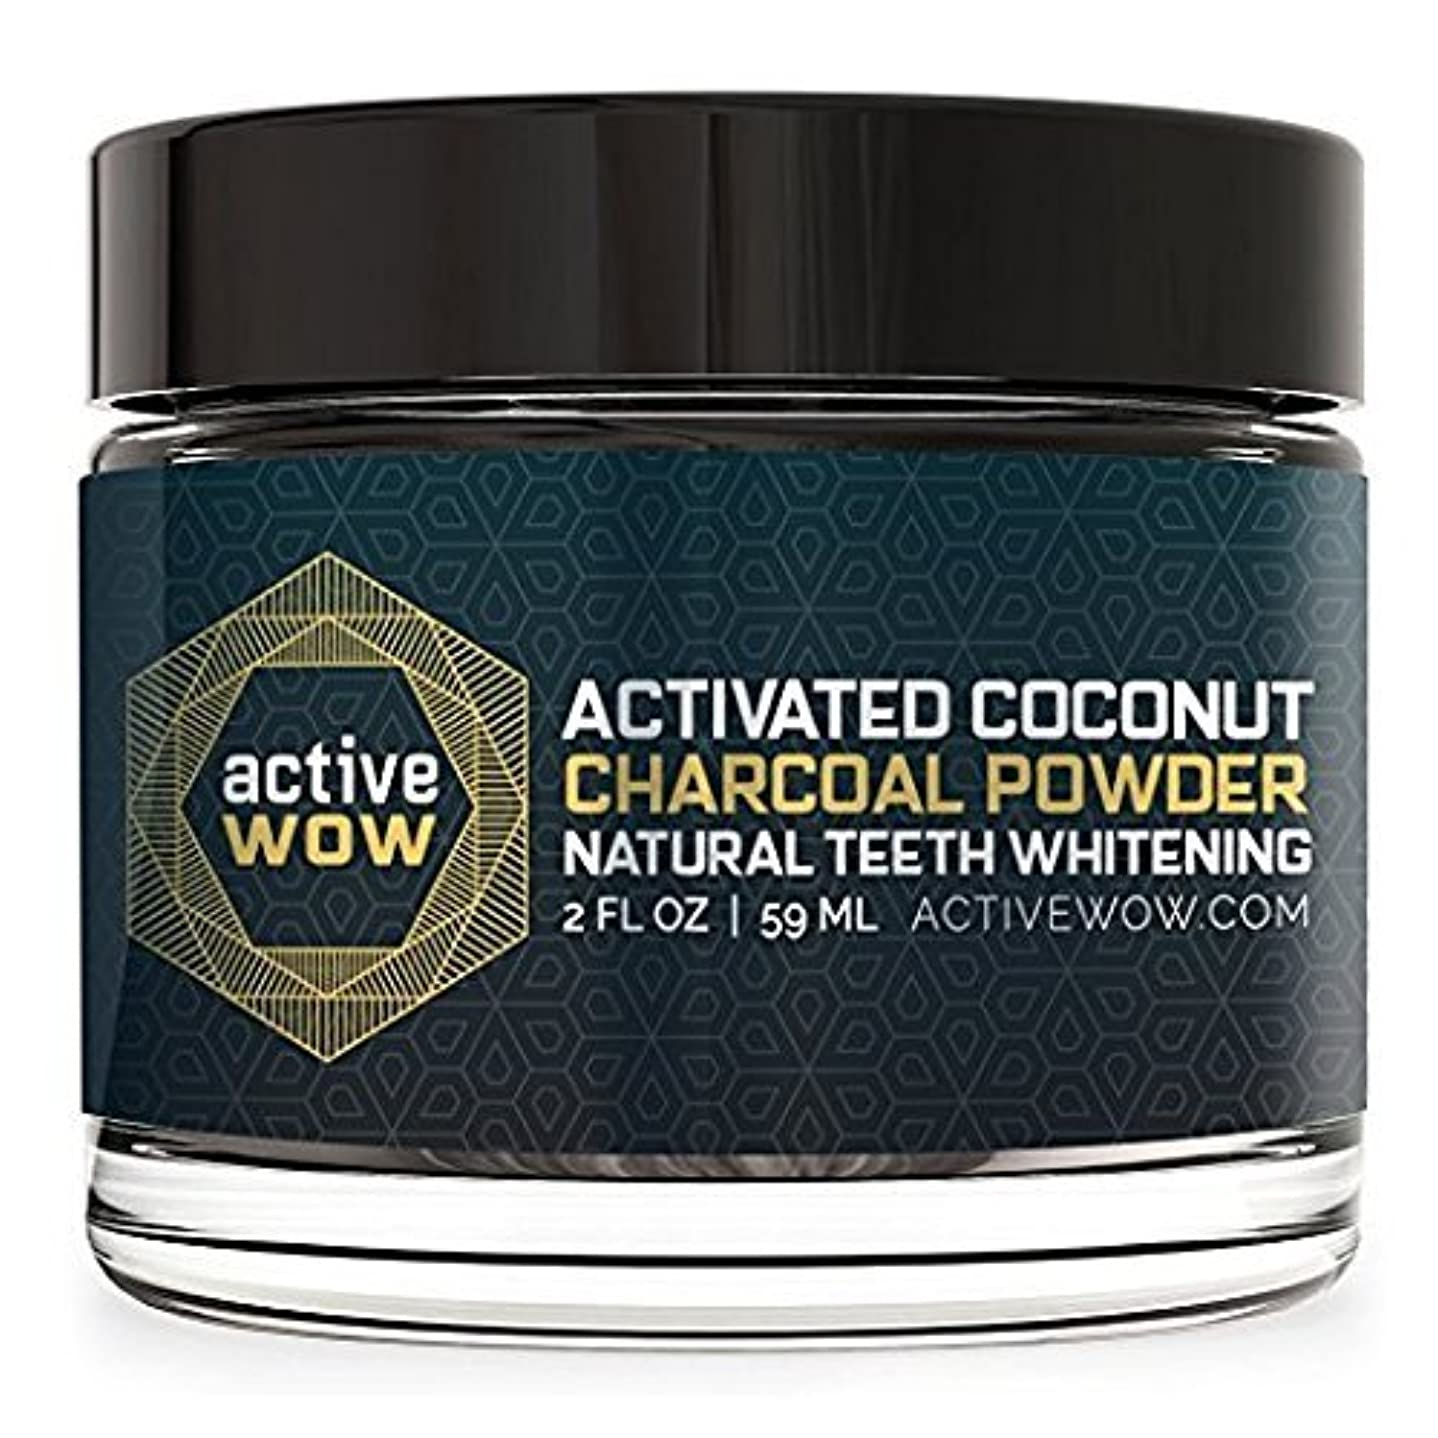 解明する受け入れるテザーアメリカで売れている 炭パウダー歯のホワイトニング Teeth Whitening Charcoal Powder Natural [並行輸入品]